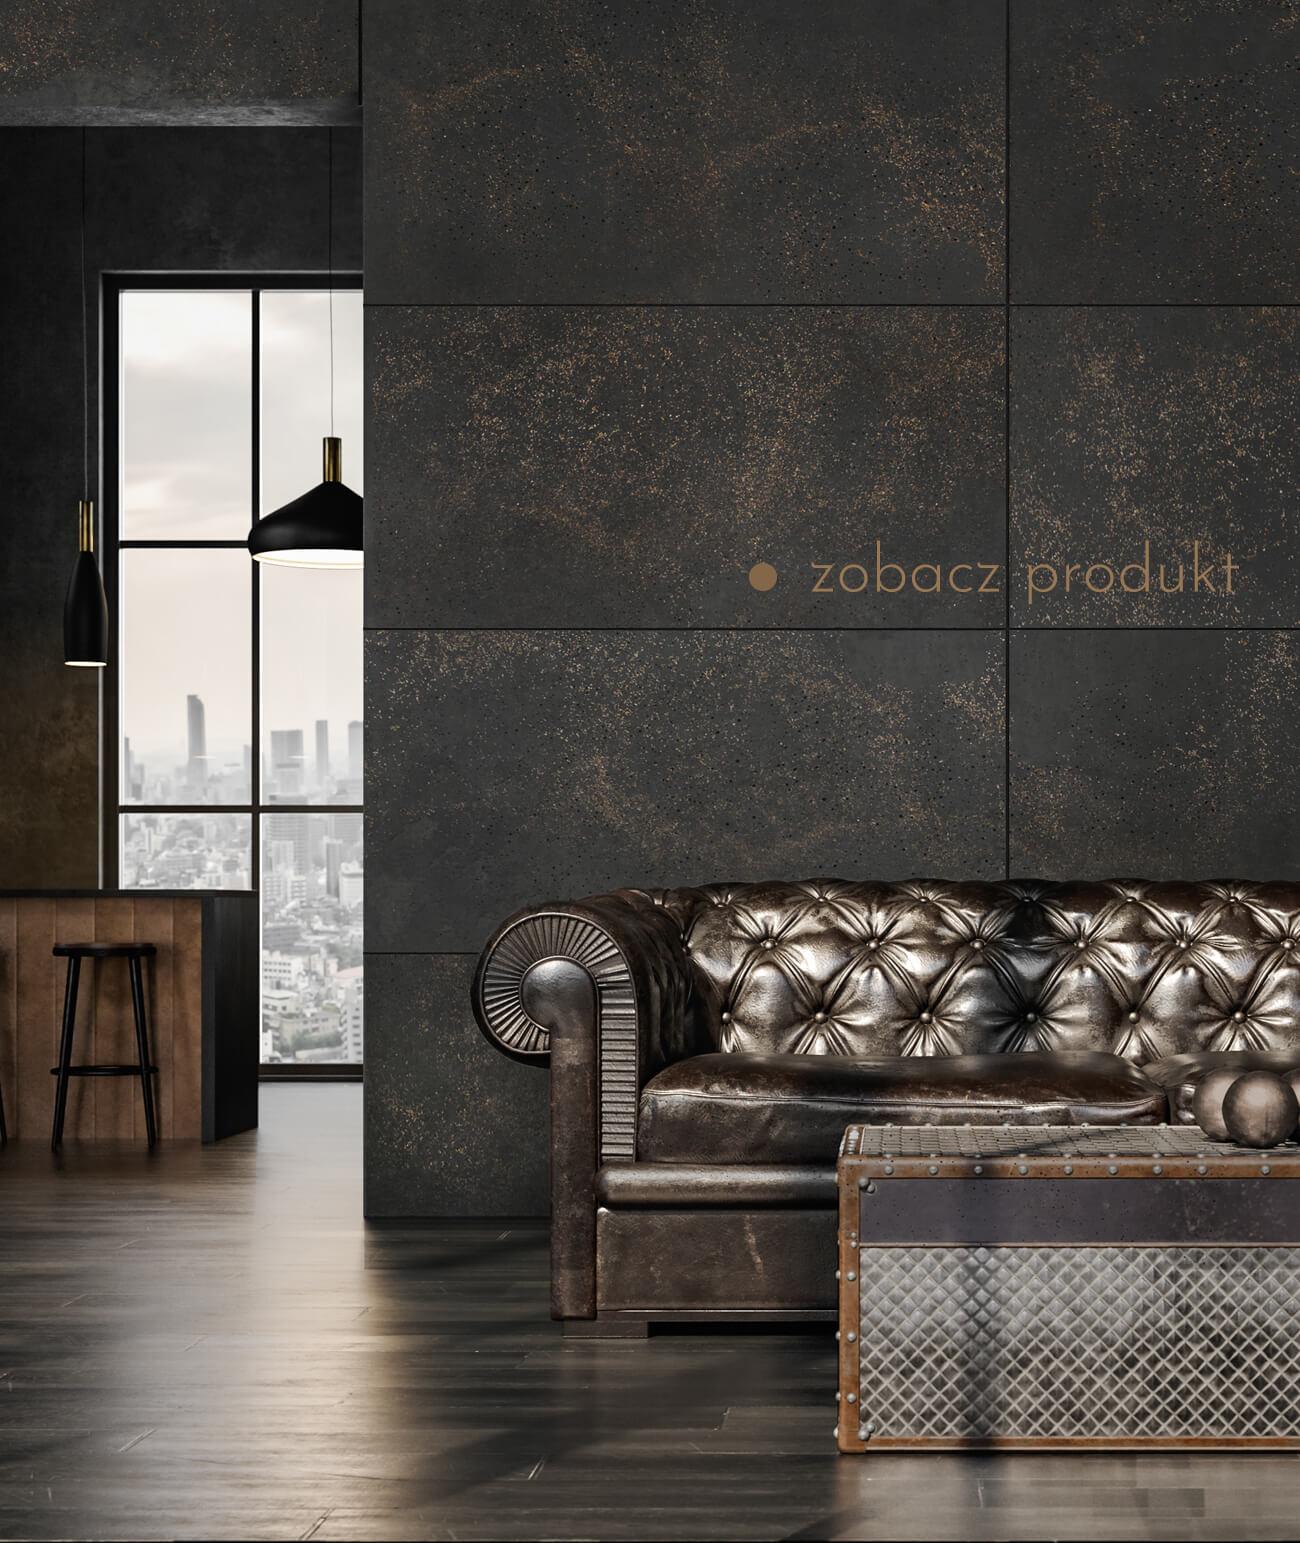 plyty-betonowe-scienne-i-elewacyjne-beton-architektoniczny_1122-24151-ds-antracyt-zlote-kruszywo-plyta-beton-architektoniczny-grc-ultralekka